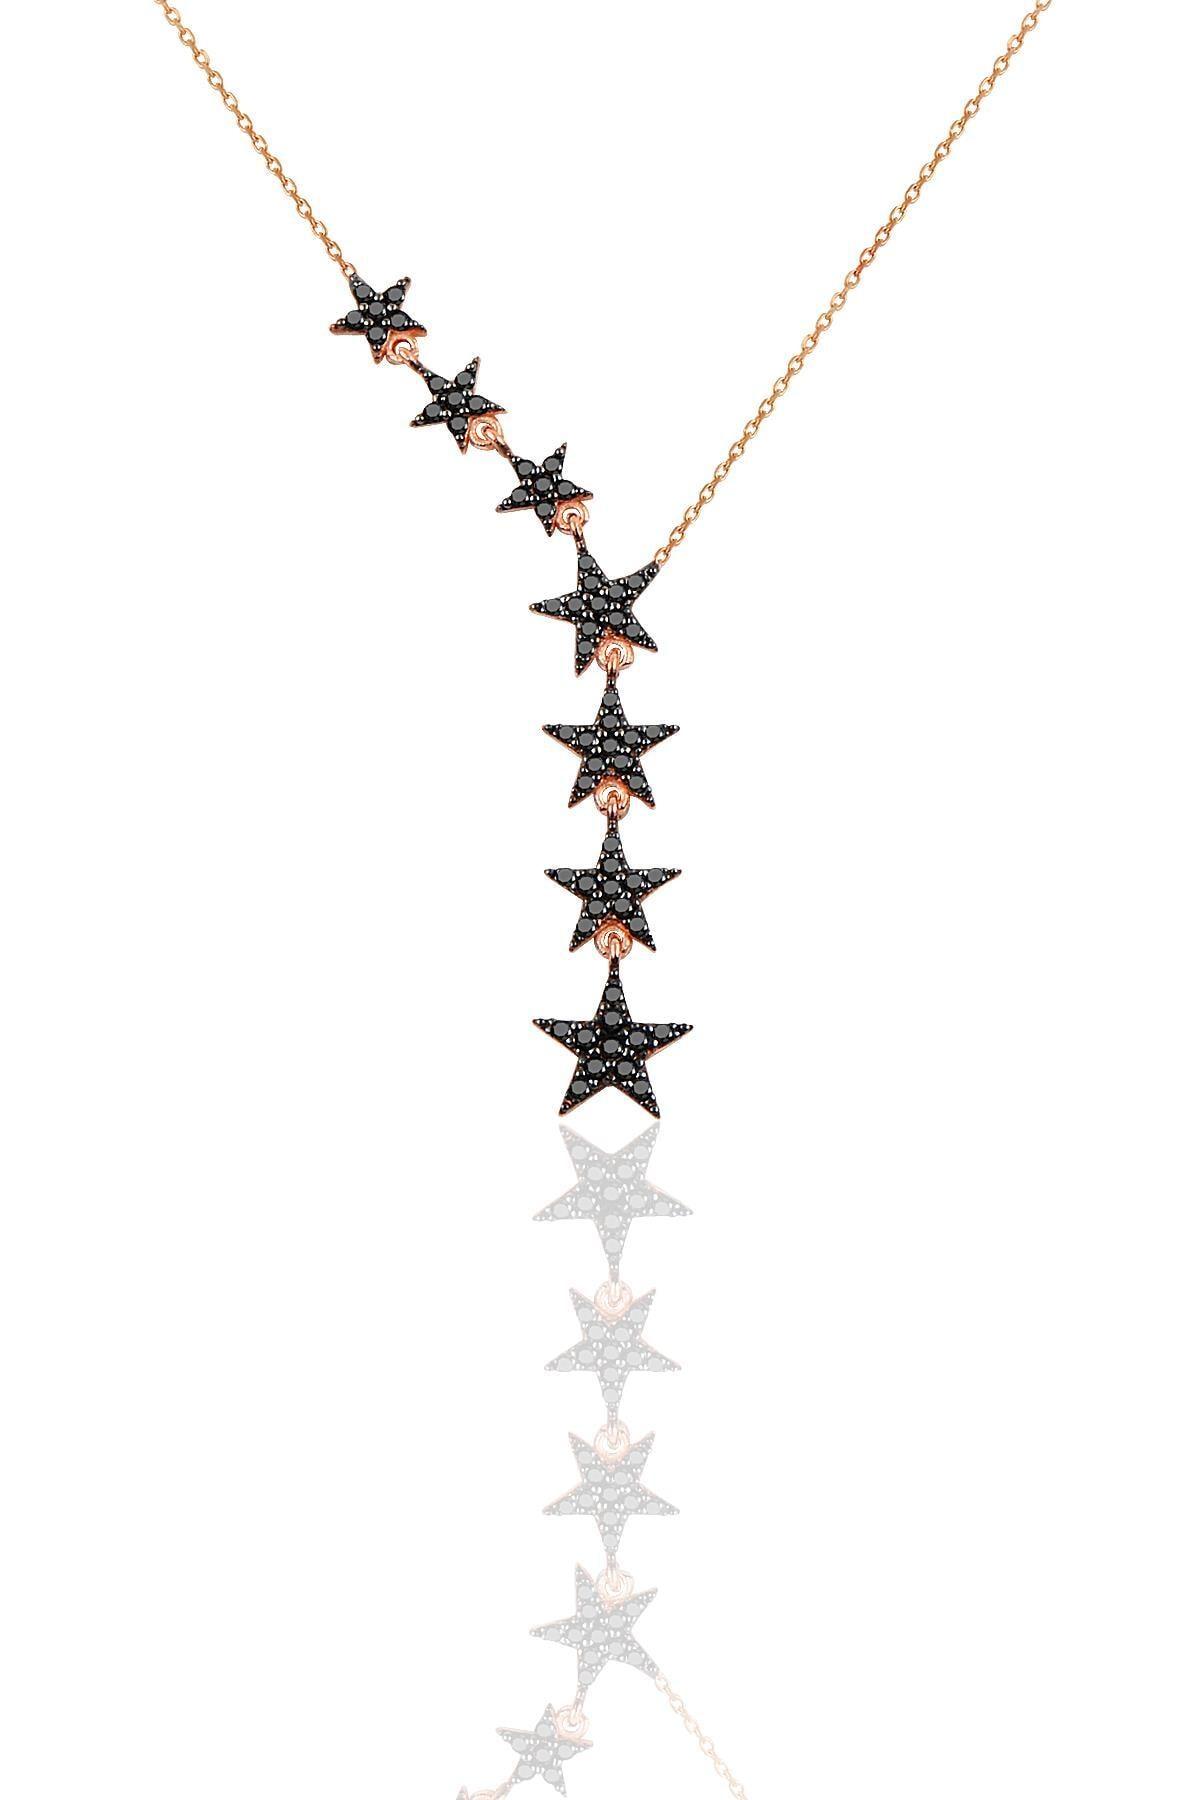 Söğütlü Silver Gümüş rose siyah taşlı kuyruklu yıldız kolye kupe ve yüzük üçlü set 1